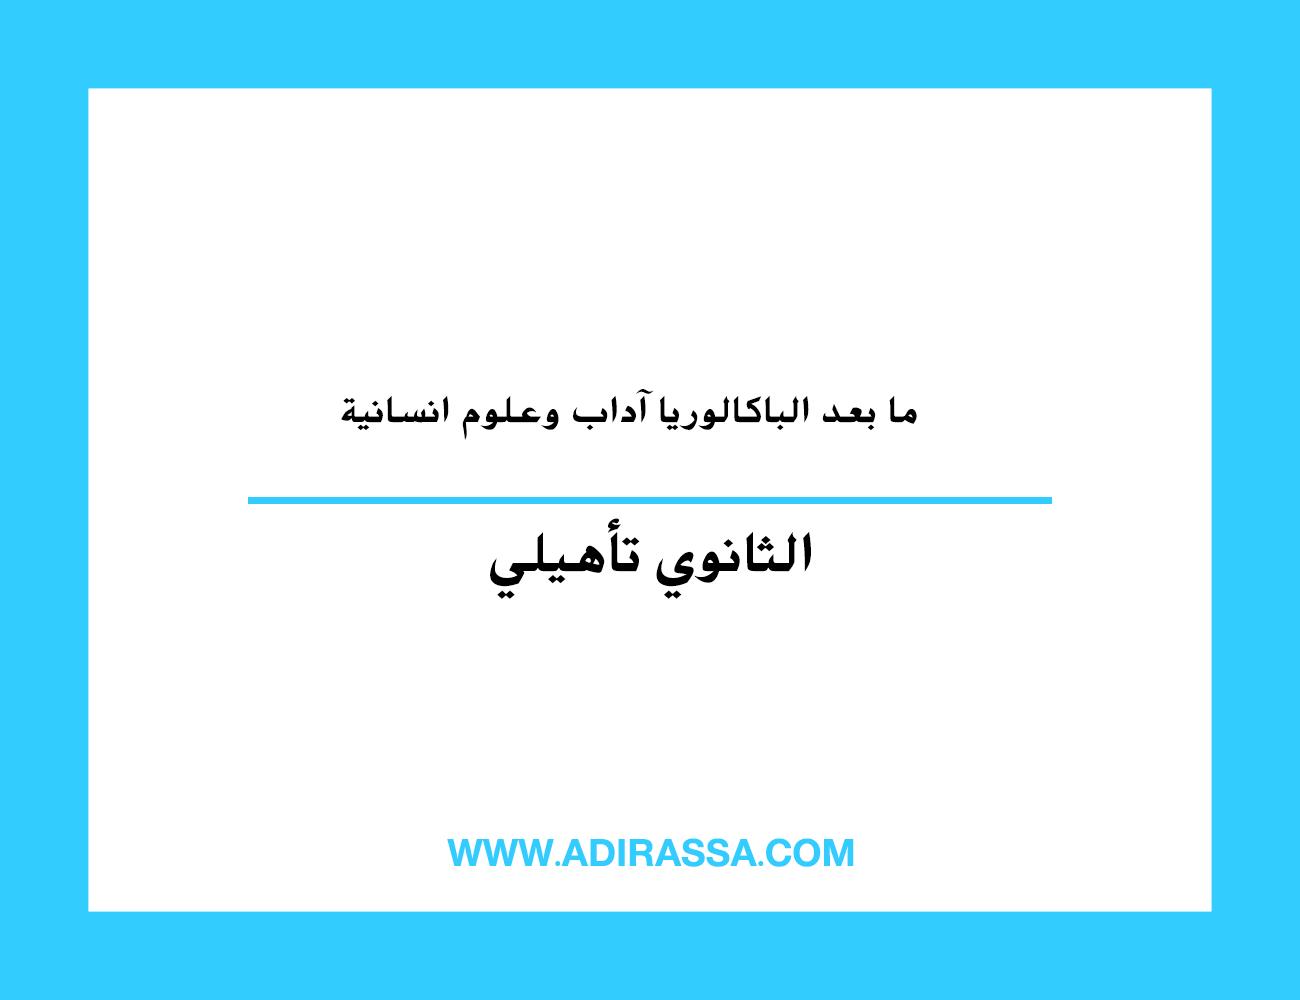 ما بعد الباكالوريا آداب وعلوم انسانية حسب المؤسسات و التكوينات بالمملكة المغربية